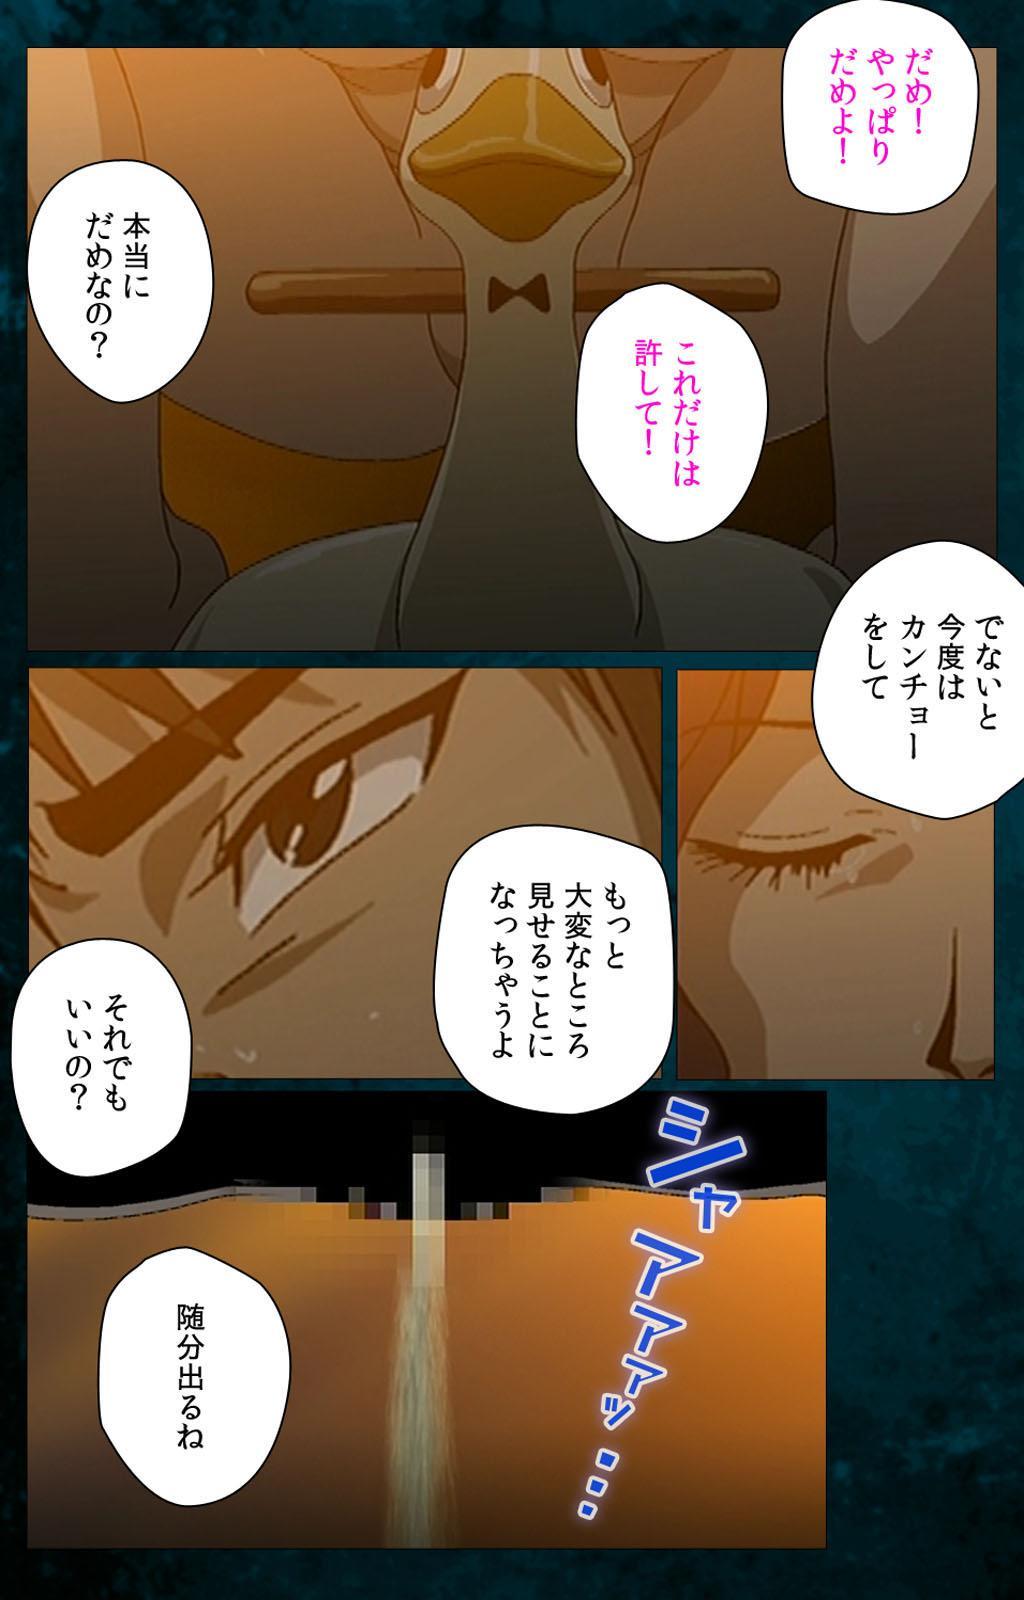 Gibo kanzenhan 192